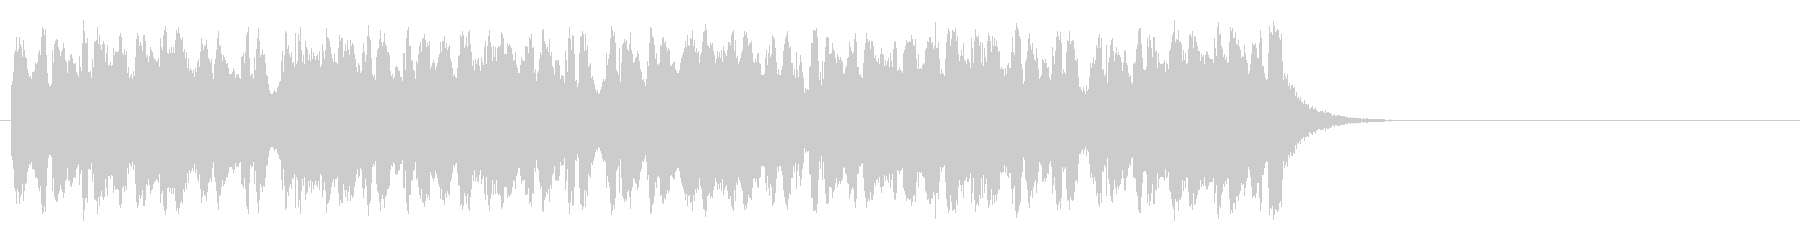 懐かしブギウギ和風ポップ(サビ)の未再生の波形